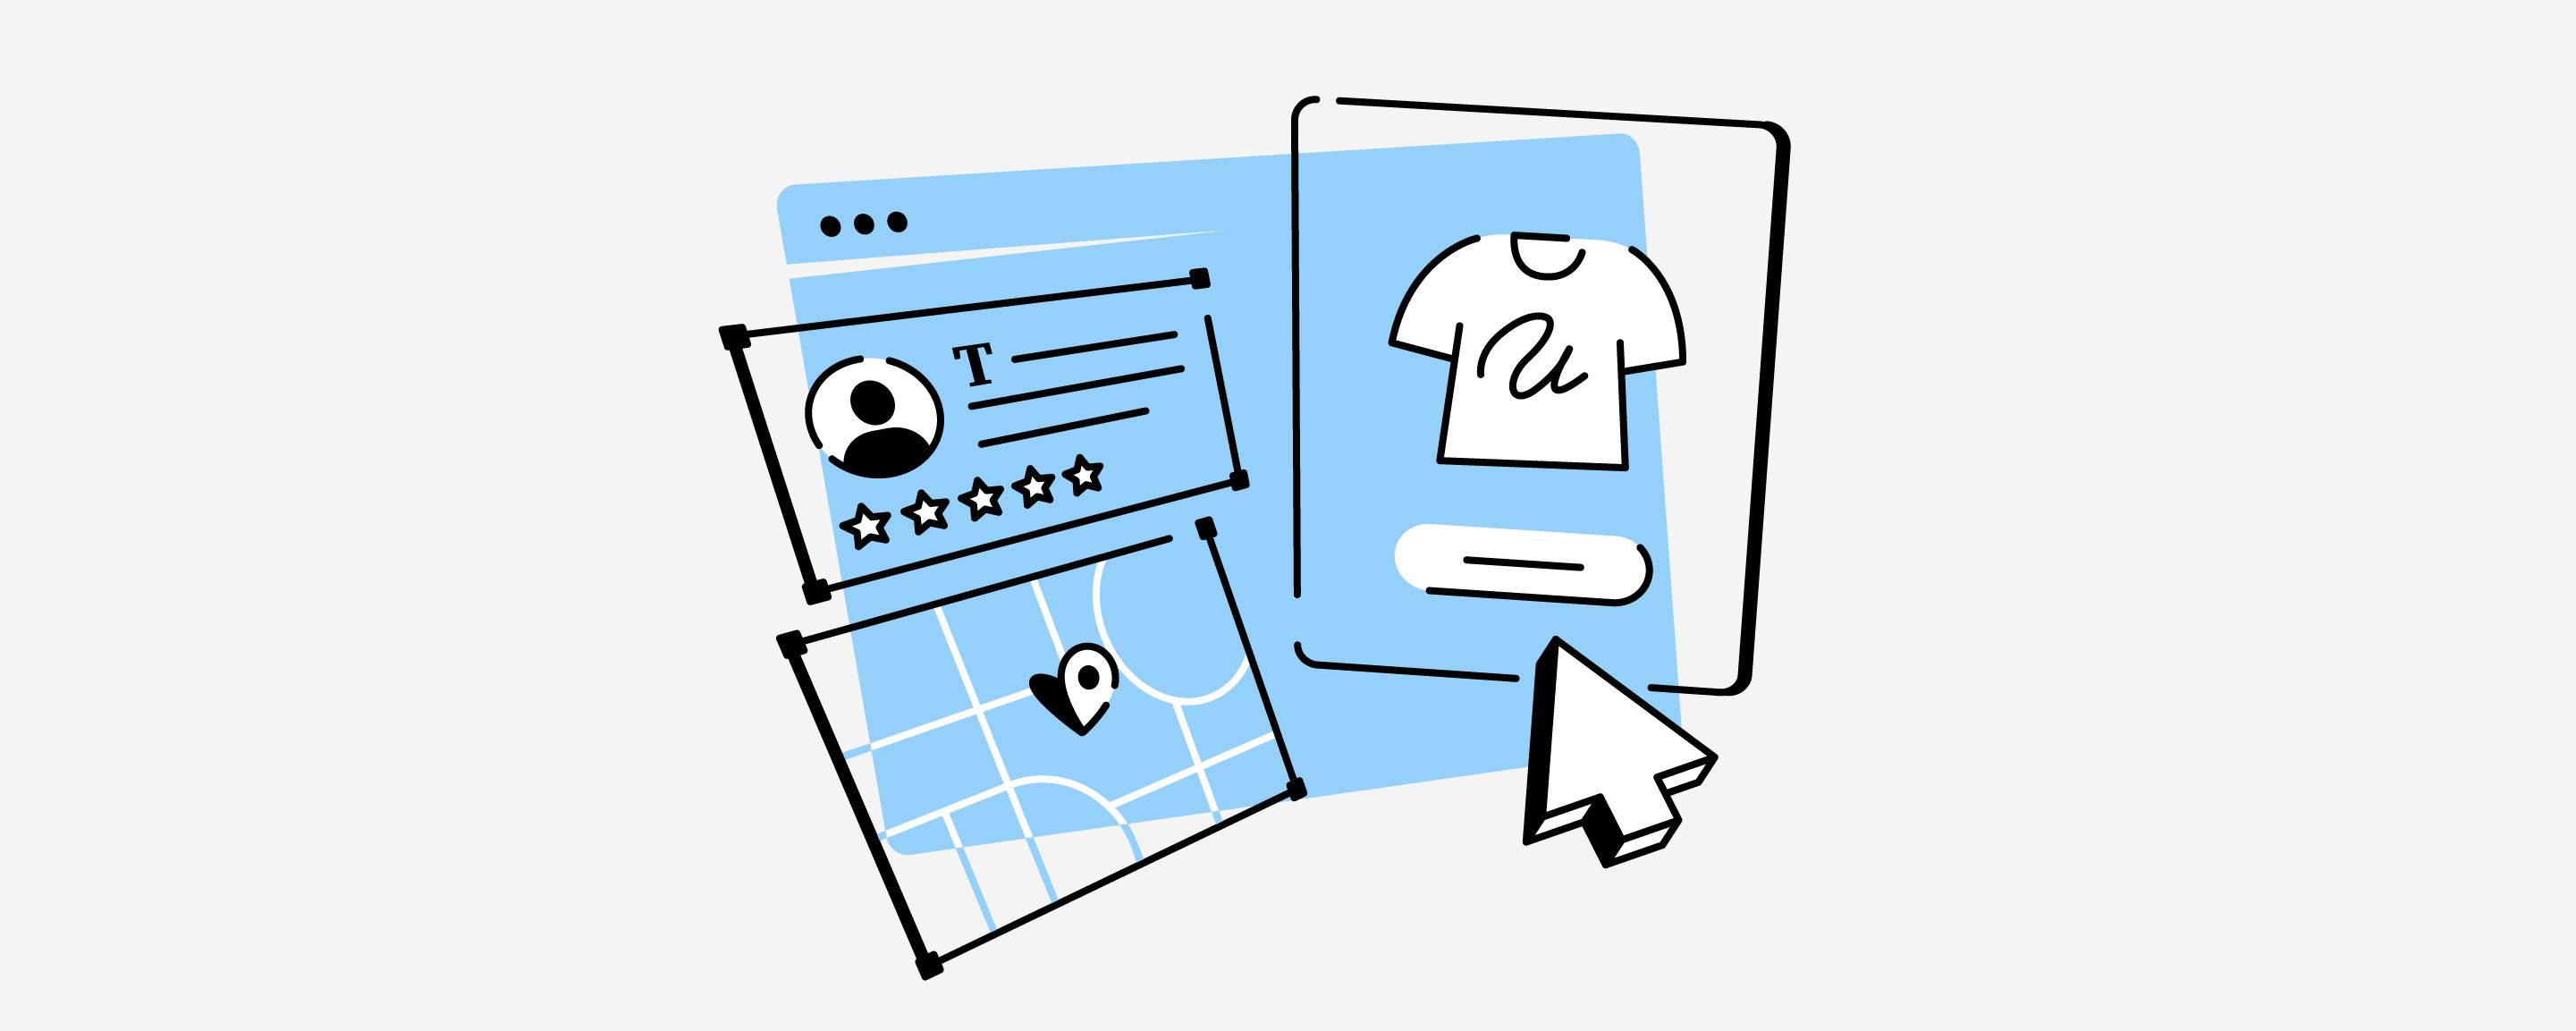 Как создать сайт для бизнеса: самостоятельно, быстро и бесплатно